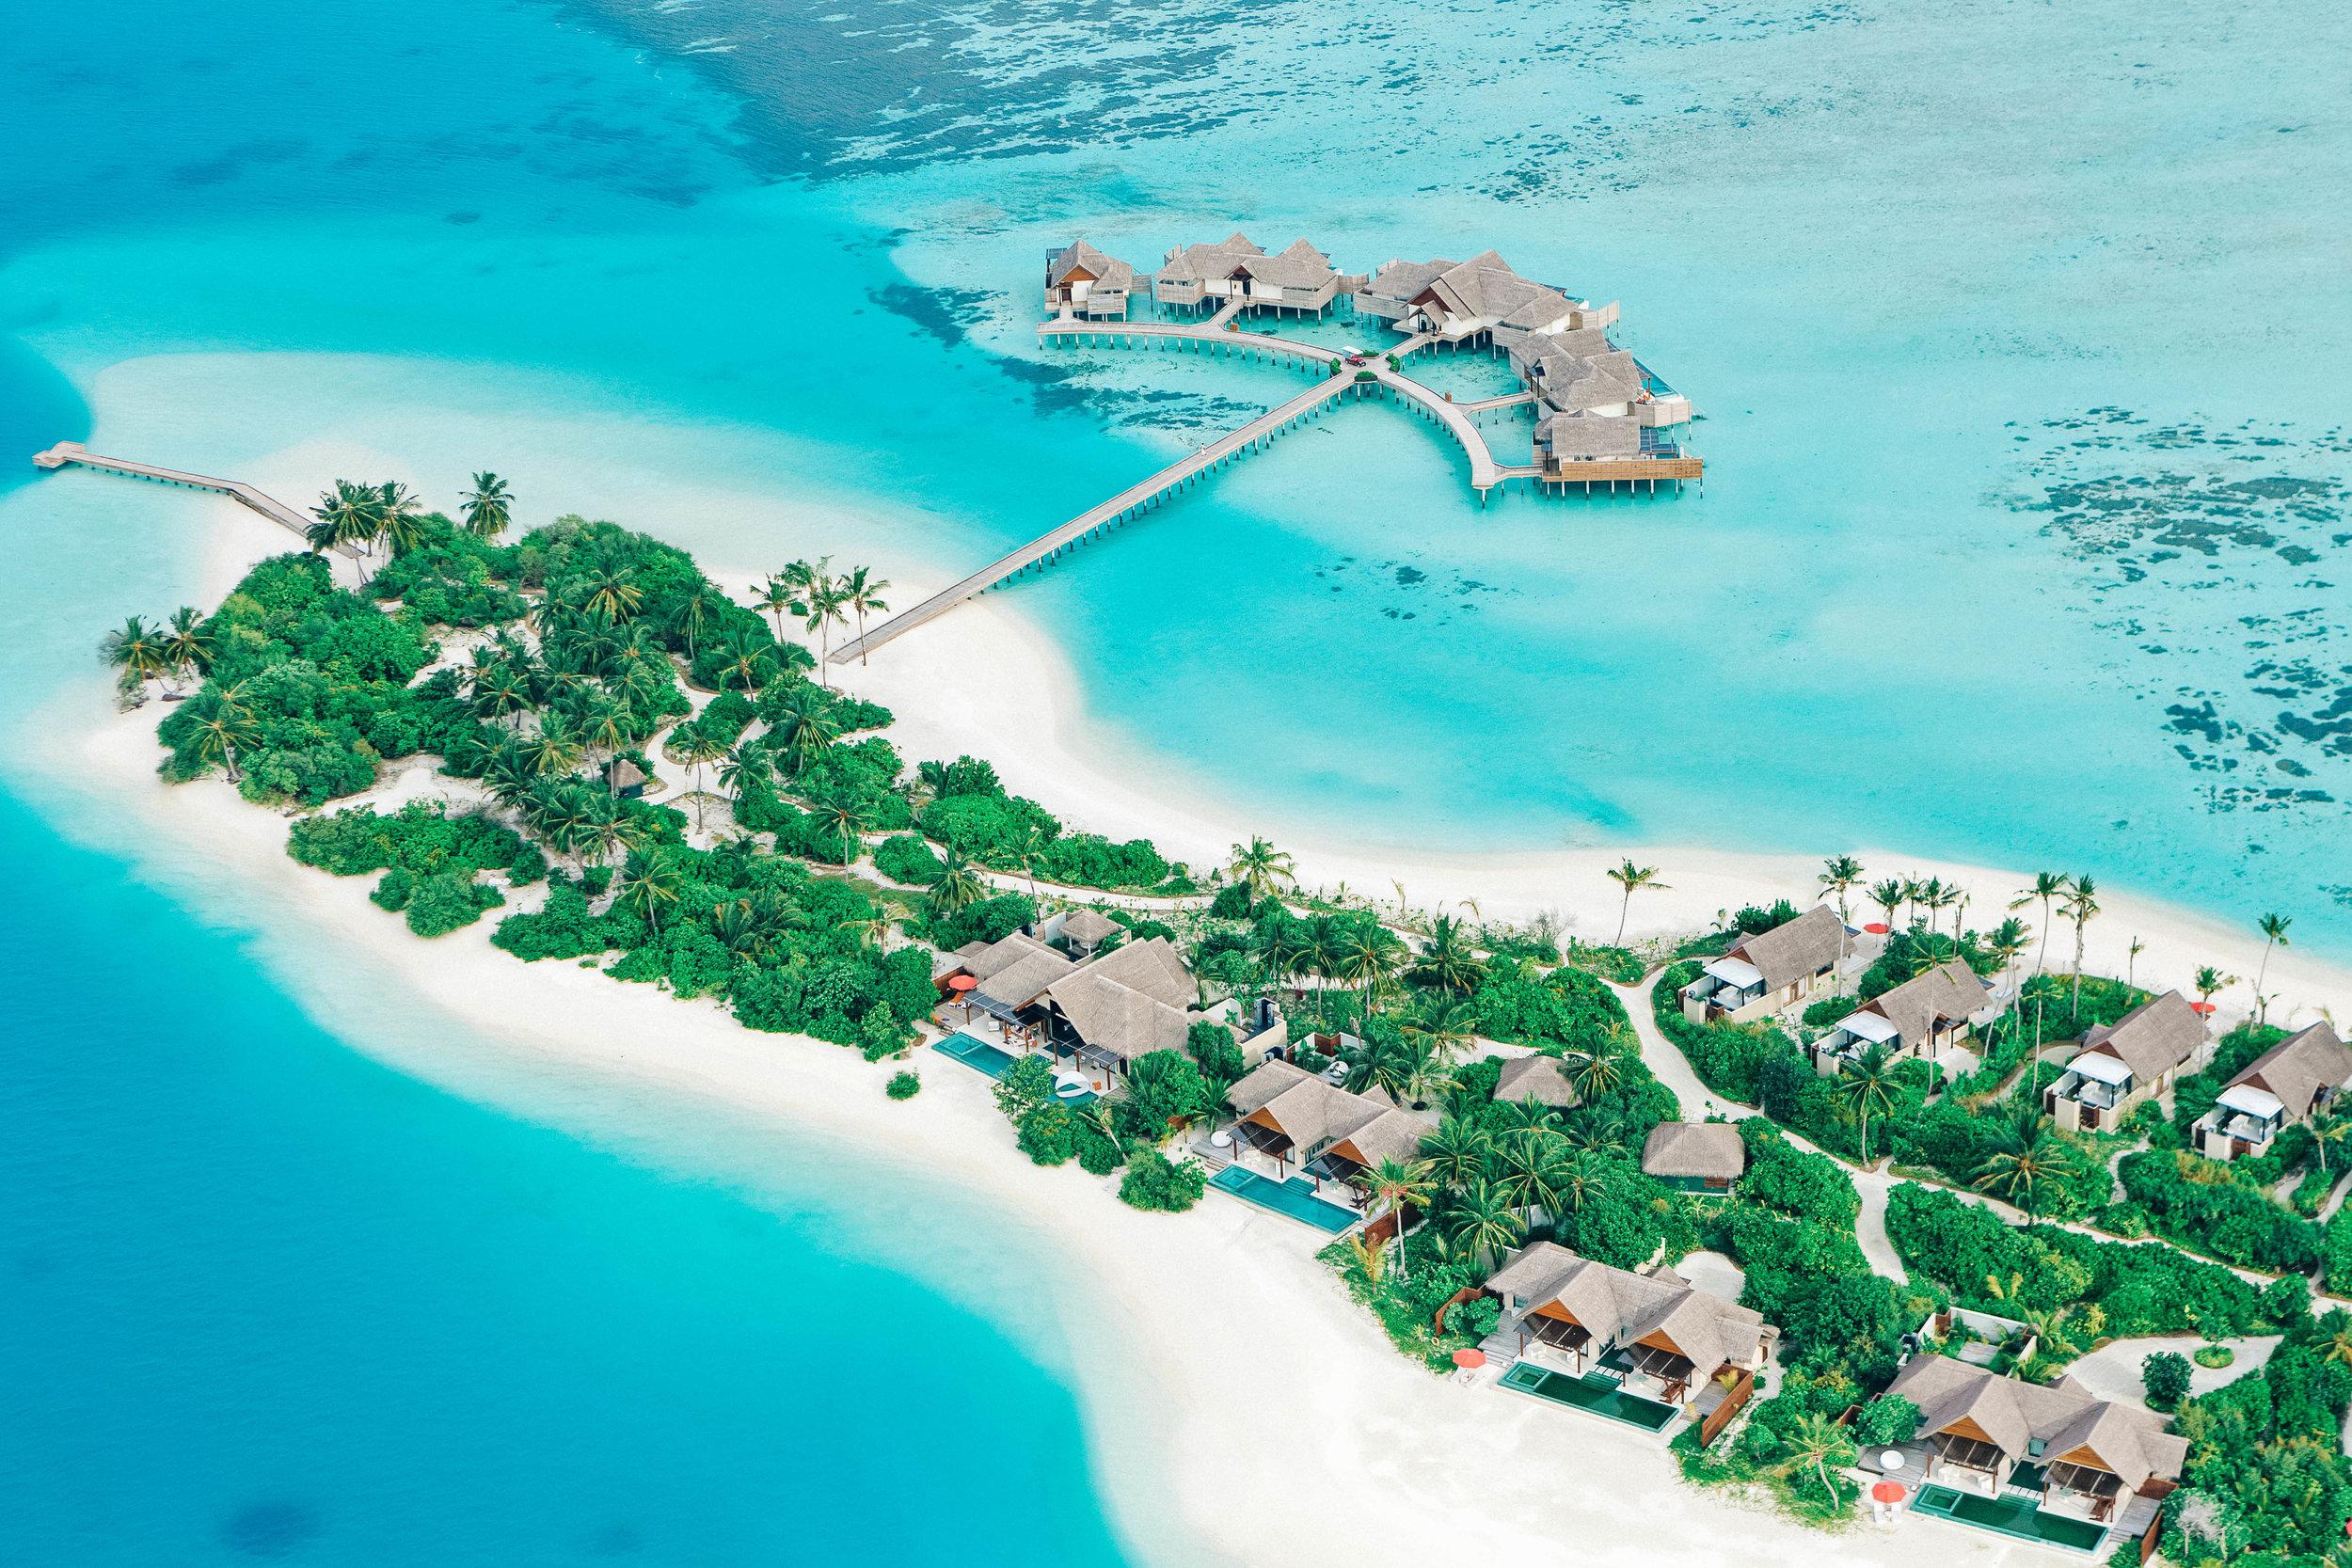 PNIY_Aerial_Island shot-2.jpg